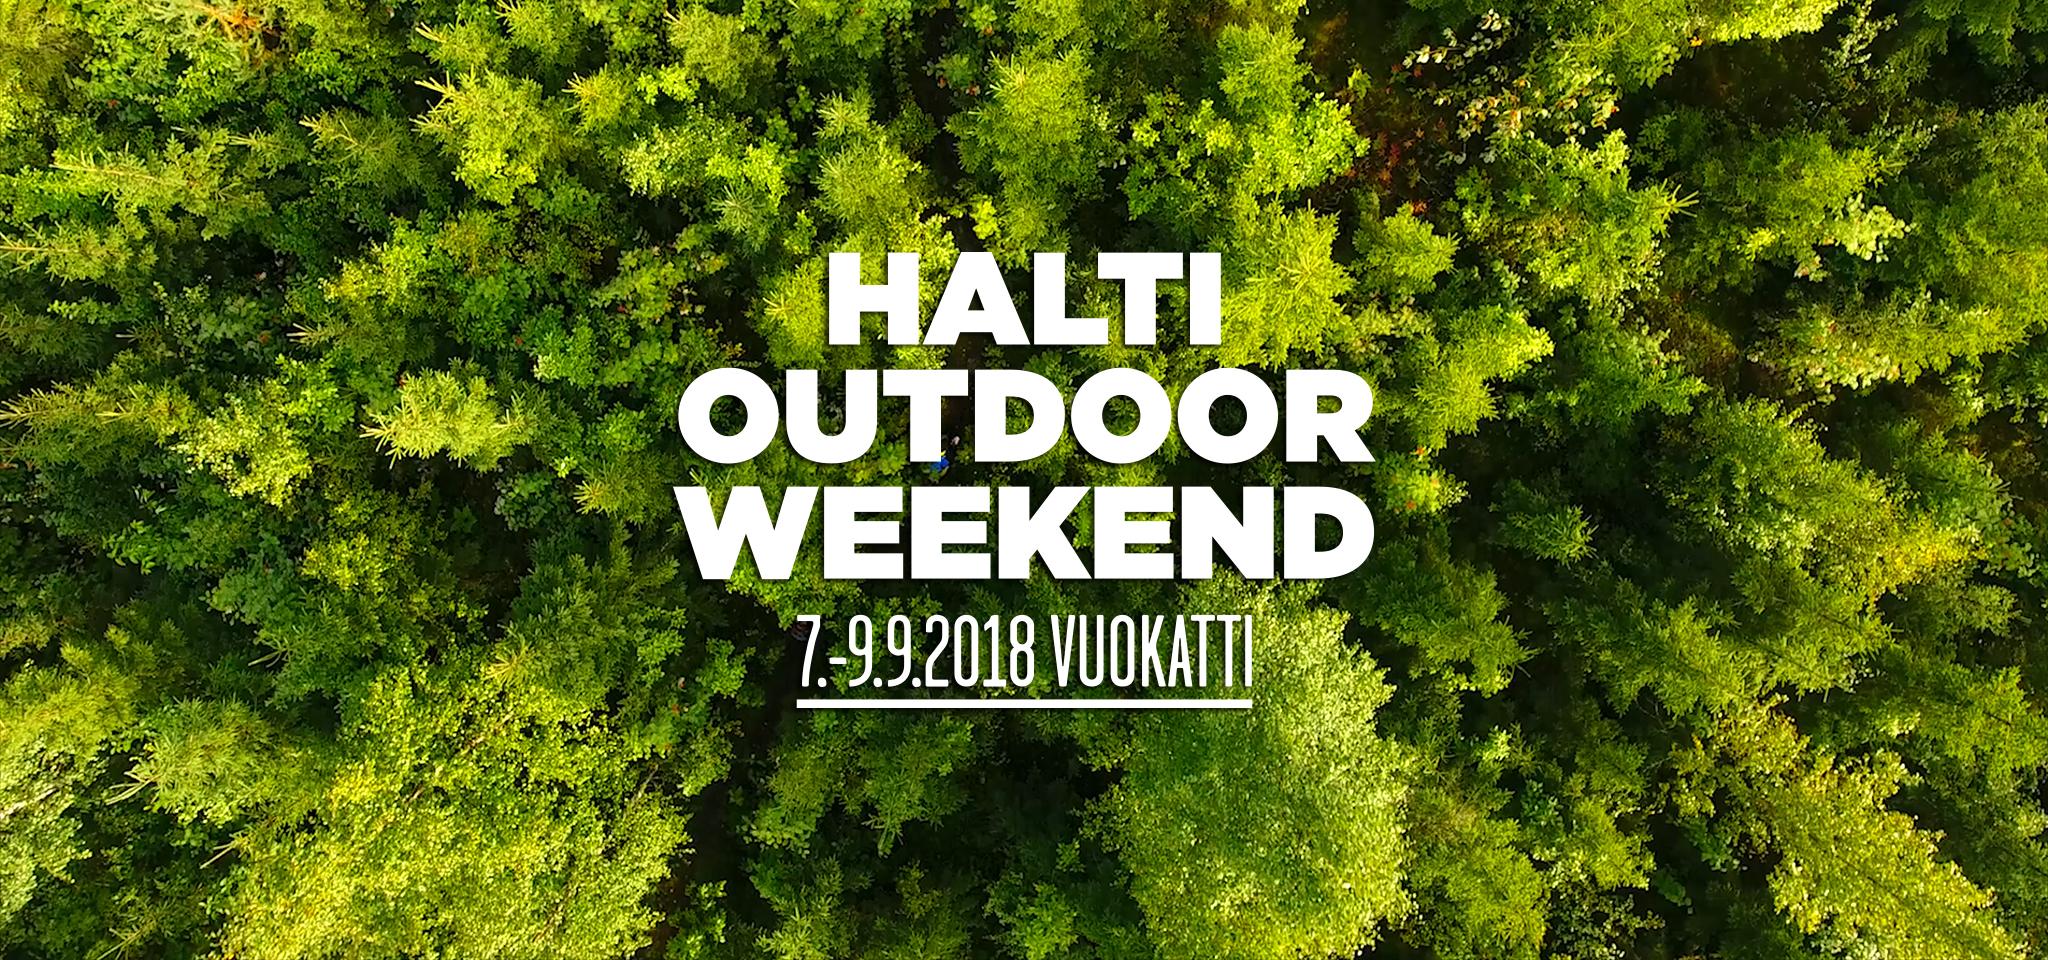 Suomen monipuolisin luontoliikuntatapahtuma Halti Outdoor Weekend ... d3c49ba2f4